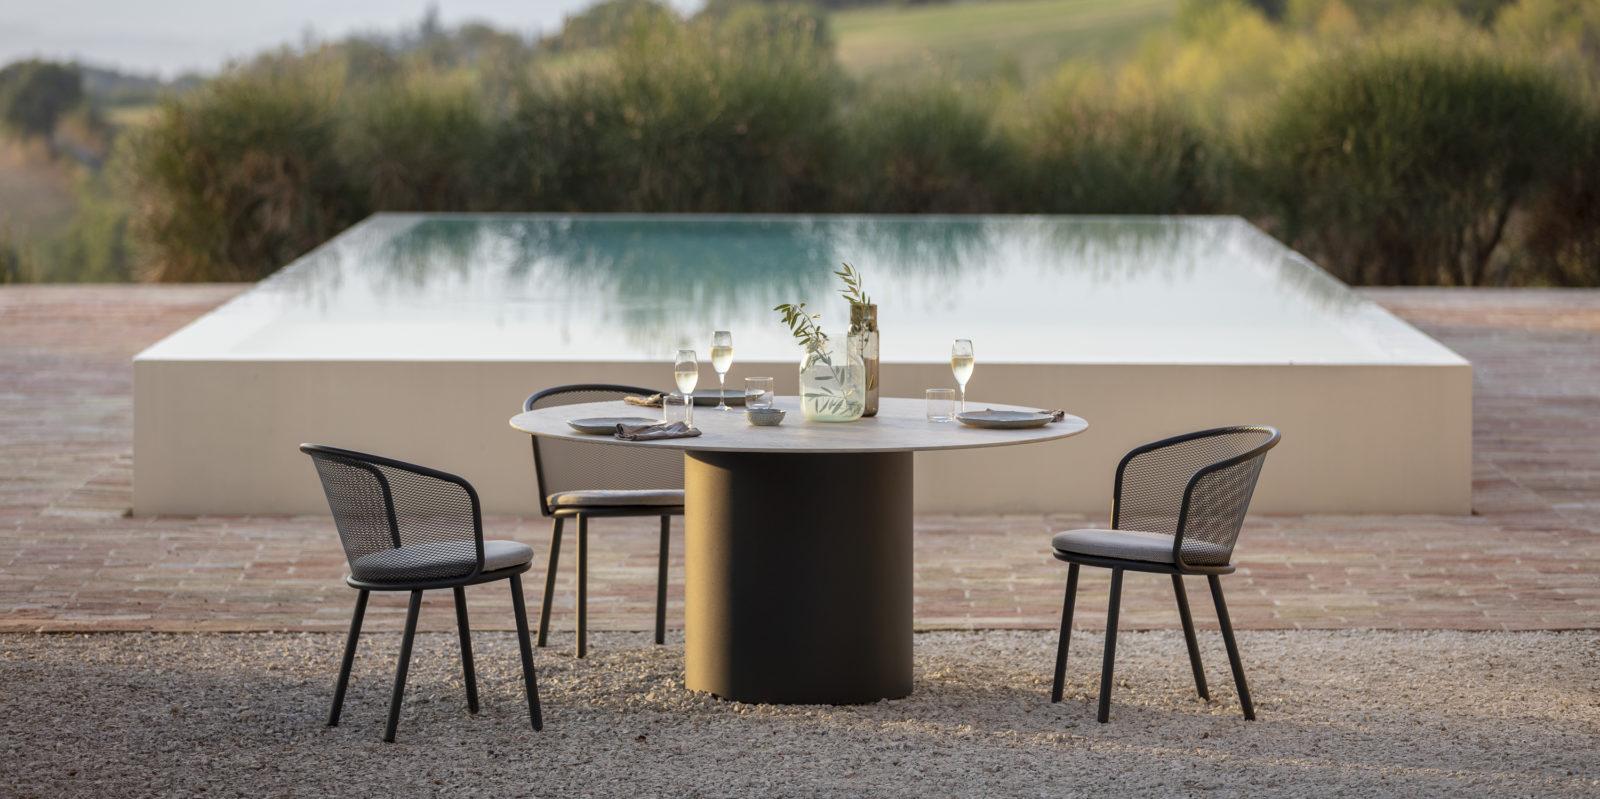 Table de jardin brenta Todus BUXUS